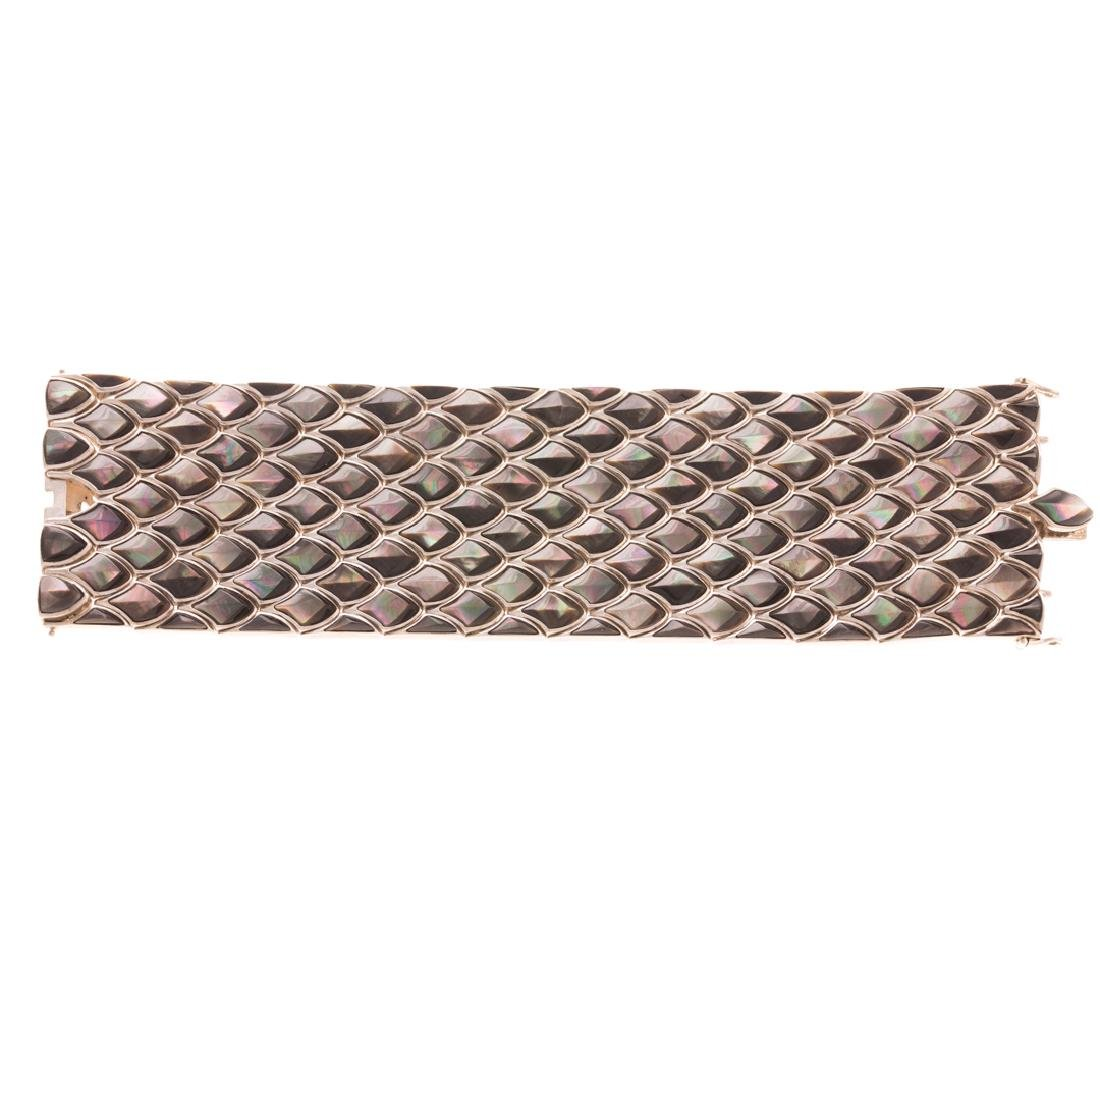 A Lady's Sterling Silver Abalone Bracelet - 2